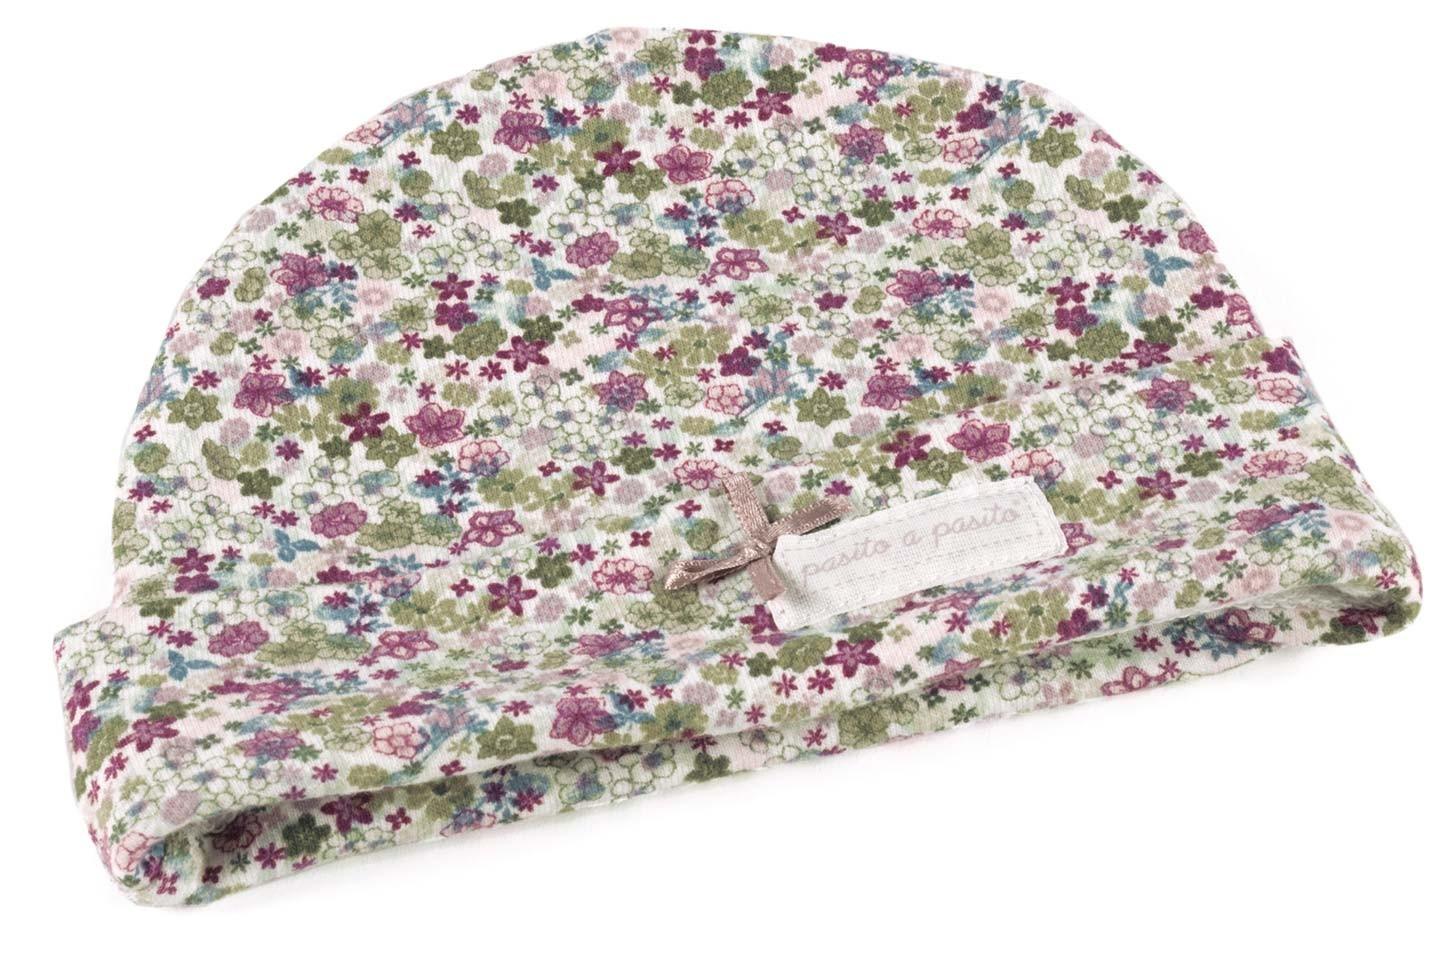 Cappellino Pasito a Pasito Botanica